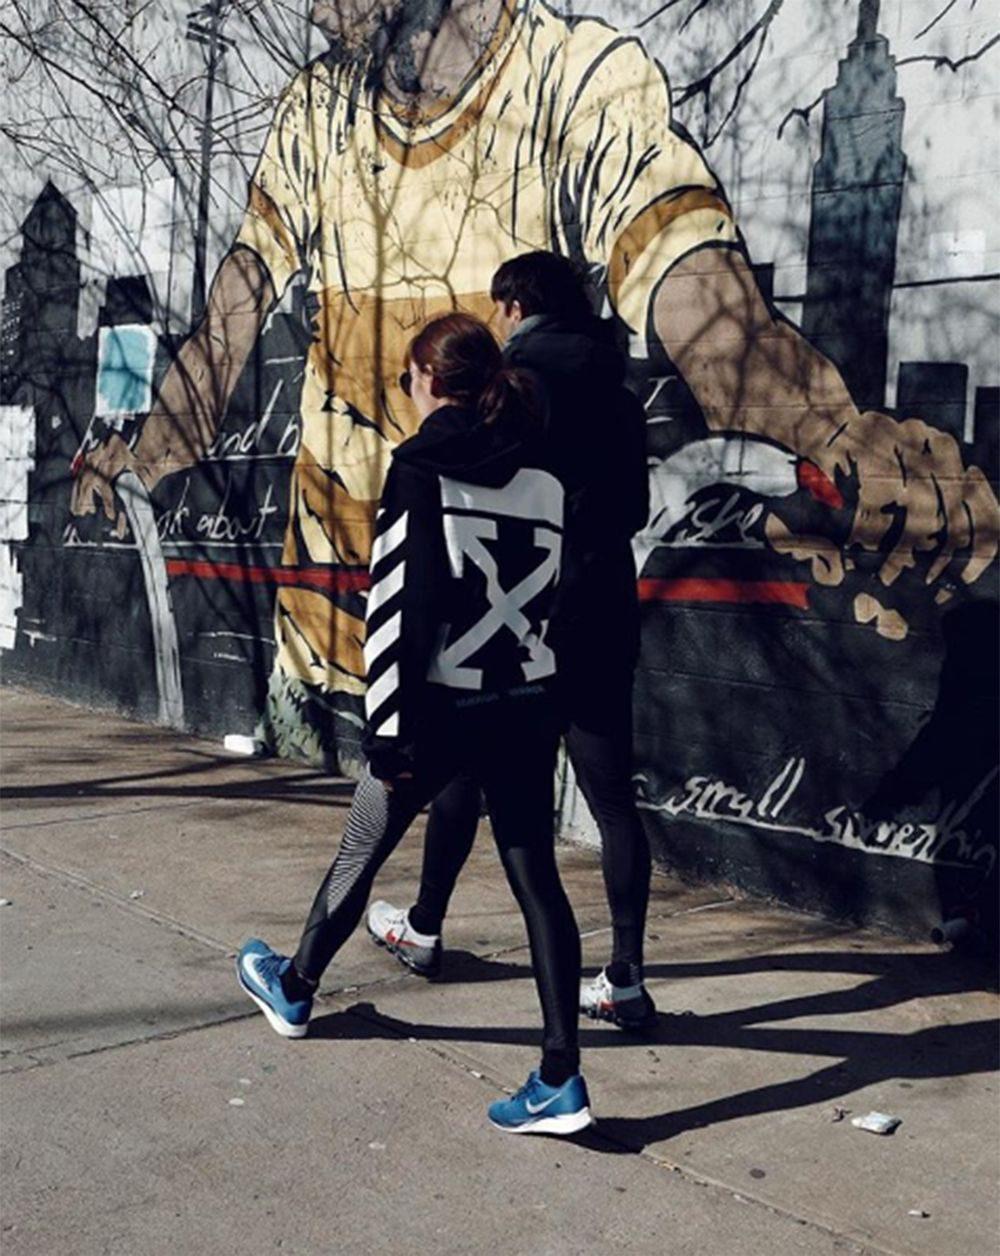 เจนี่-มิกกี้ เดินไปด้วยกัน